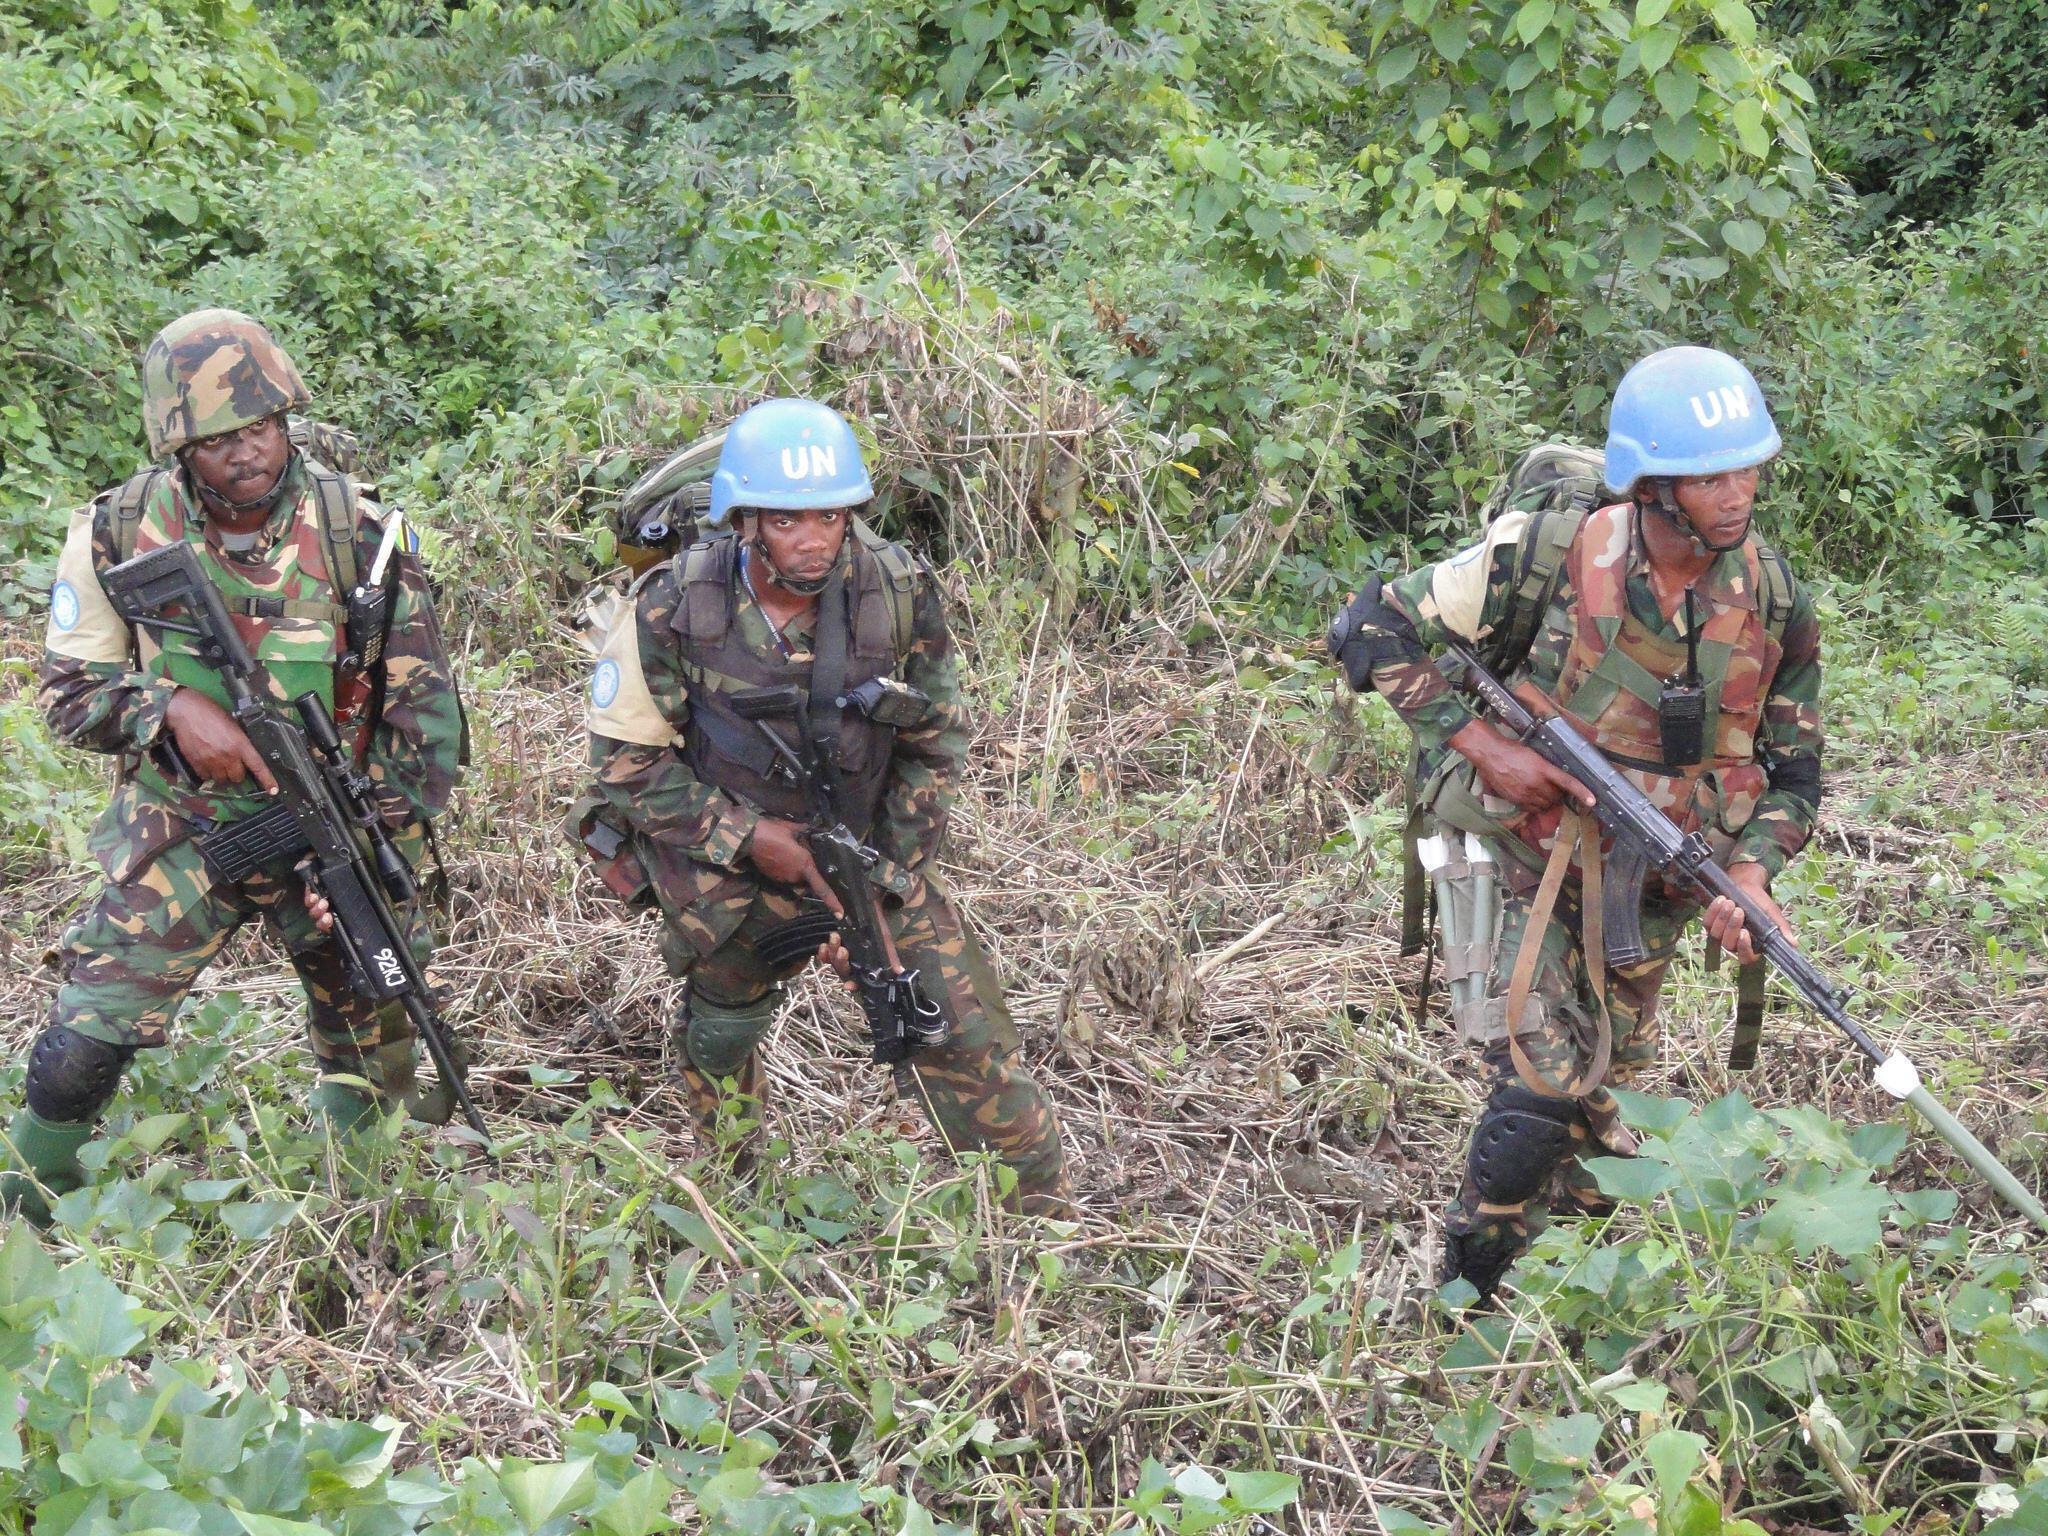 Wanajeshi wa kulinda amani wanaopambana na waasi wa ADF Mashariki mwa DRC